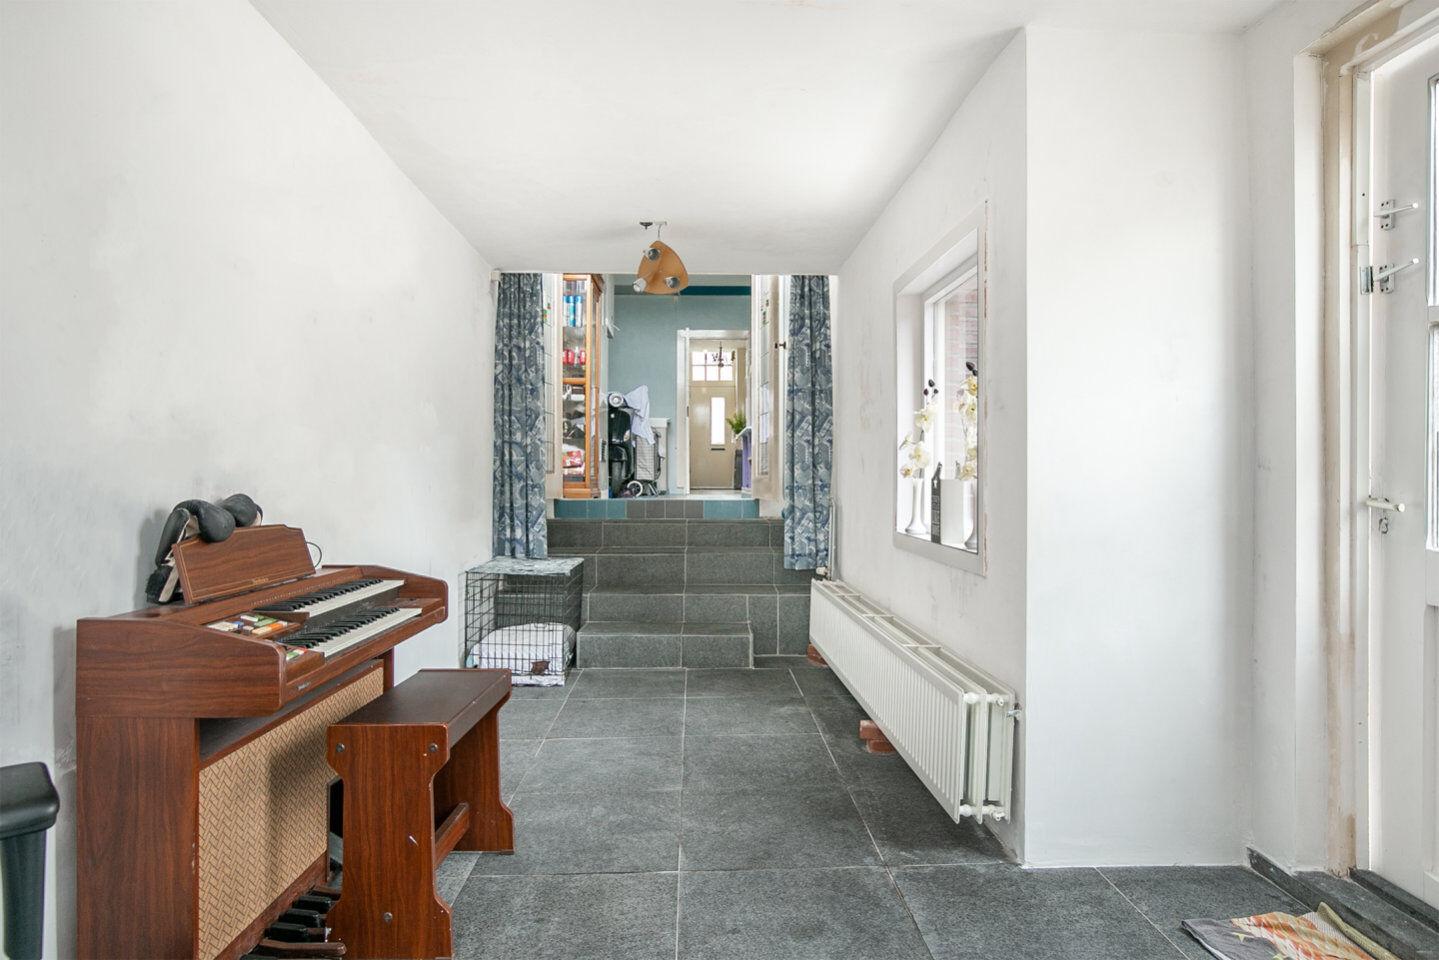 13269-burgemeester_van_loonstraat_53-steenbergen-2305156781